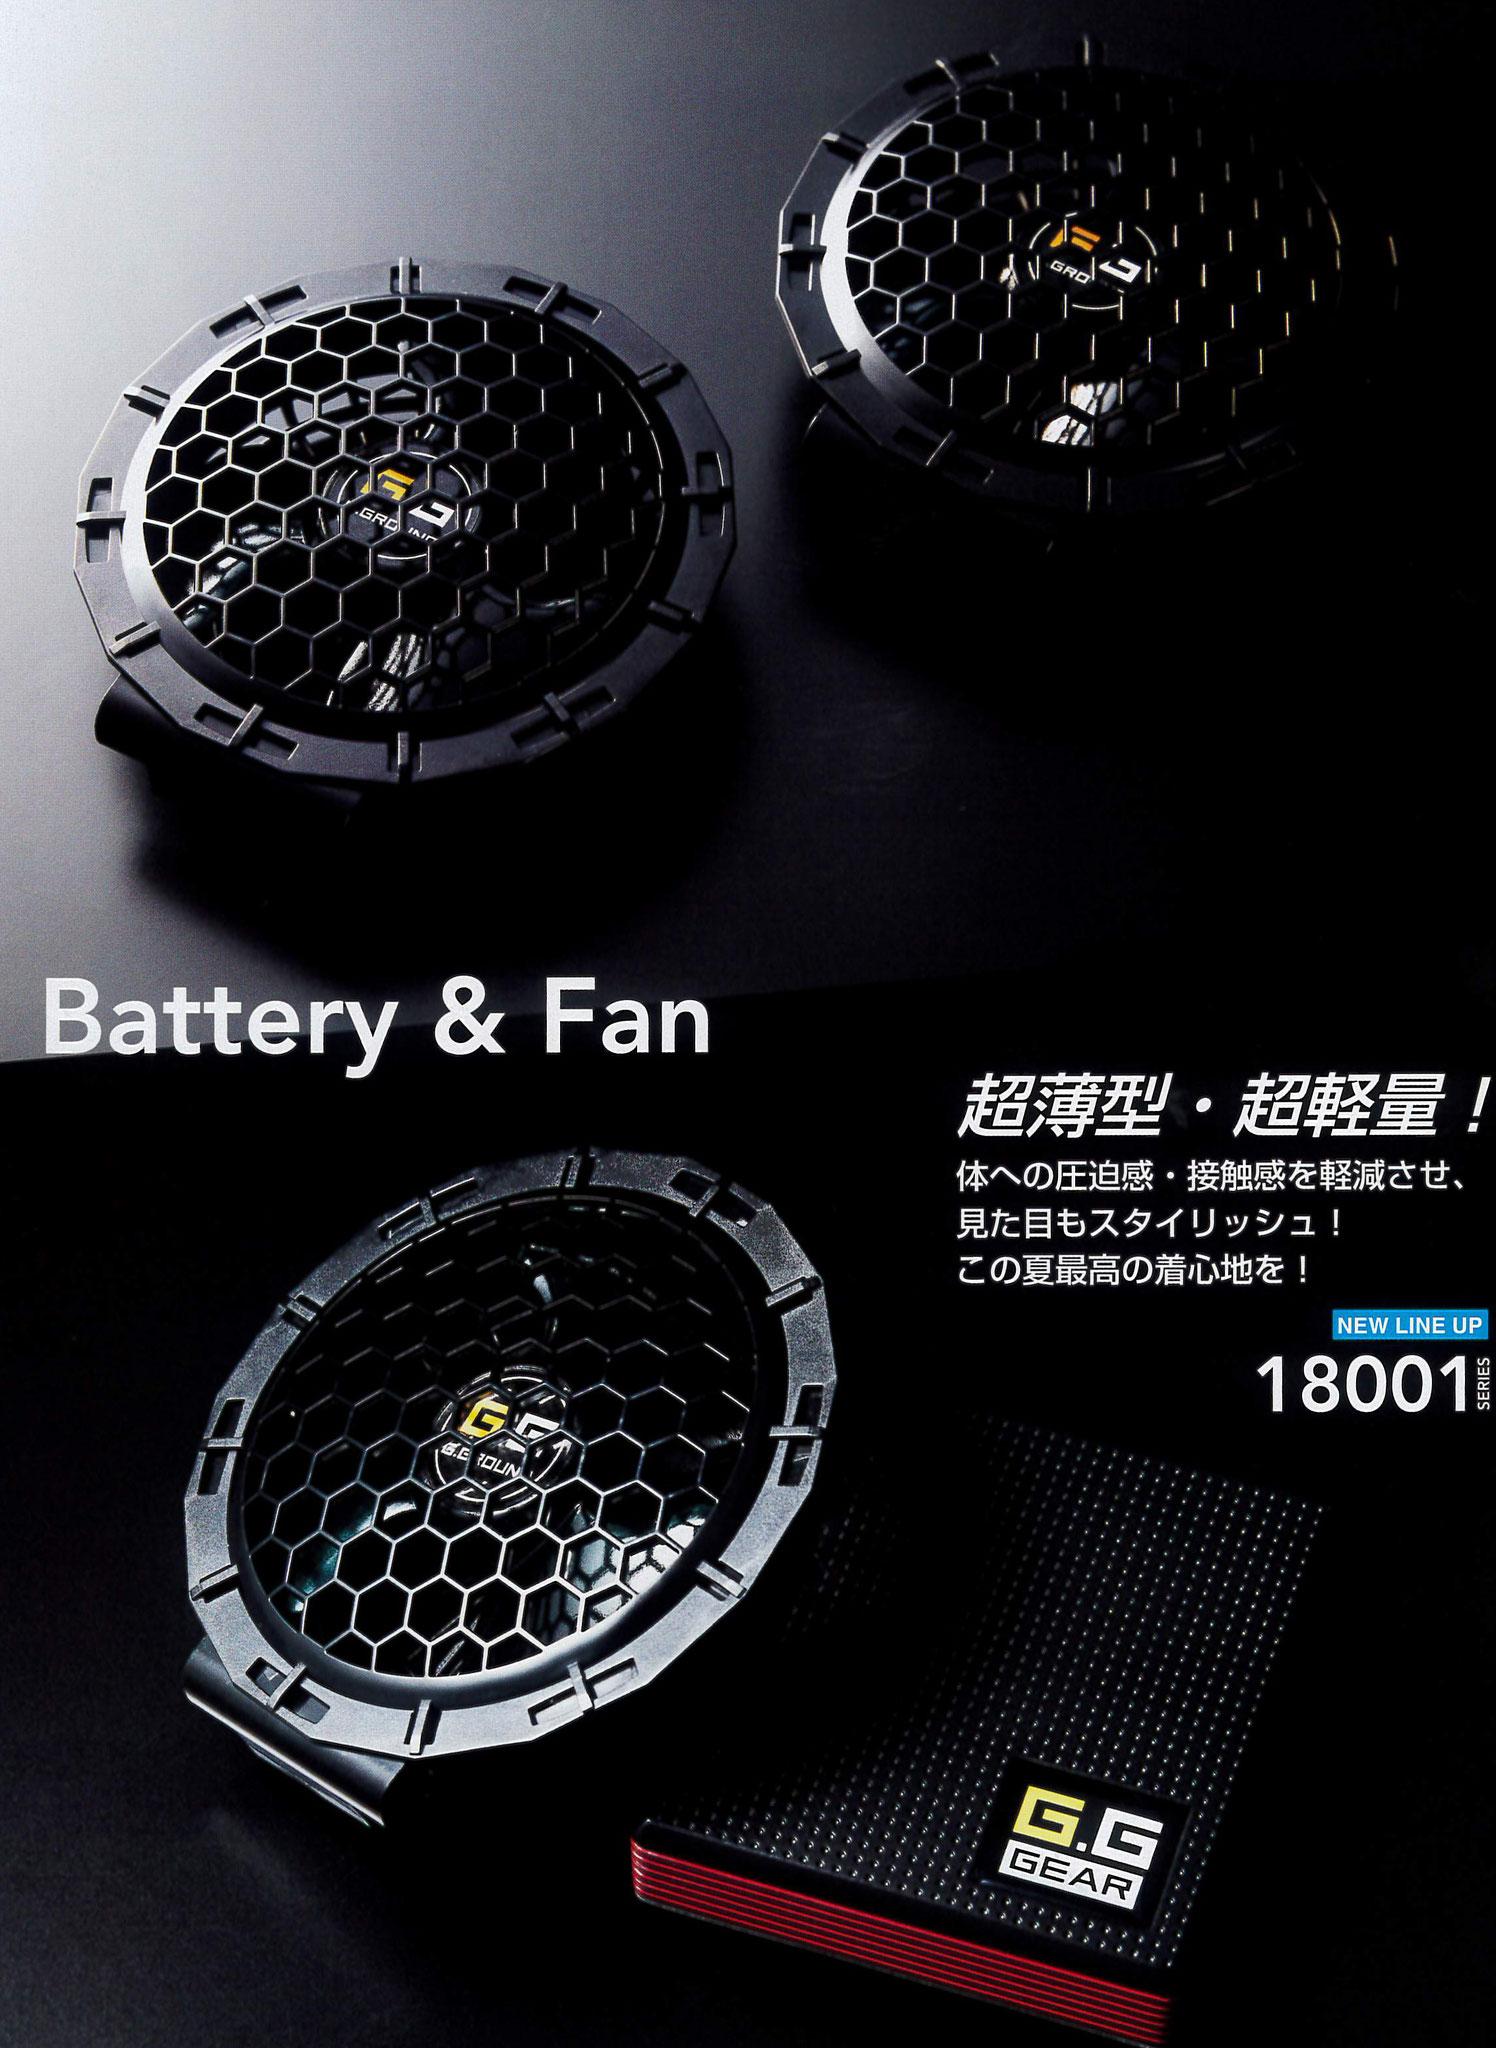 桑和 G.GROUND~18001/1802 空調機器 ¥16,840(税込)